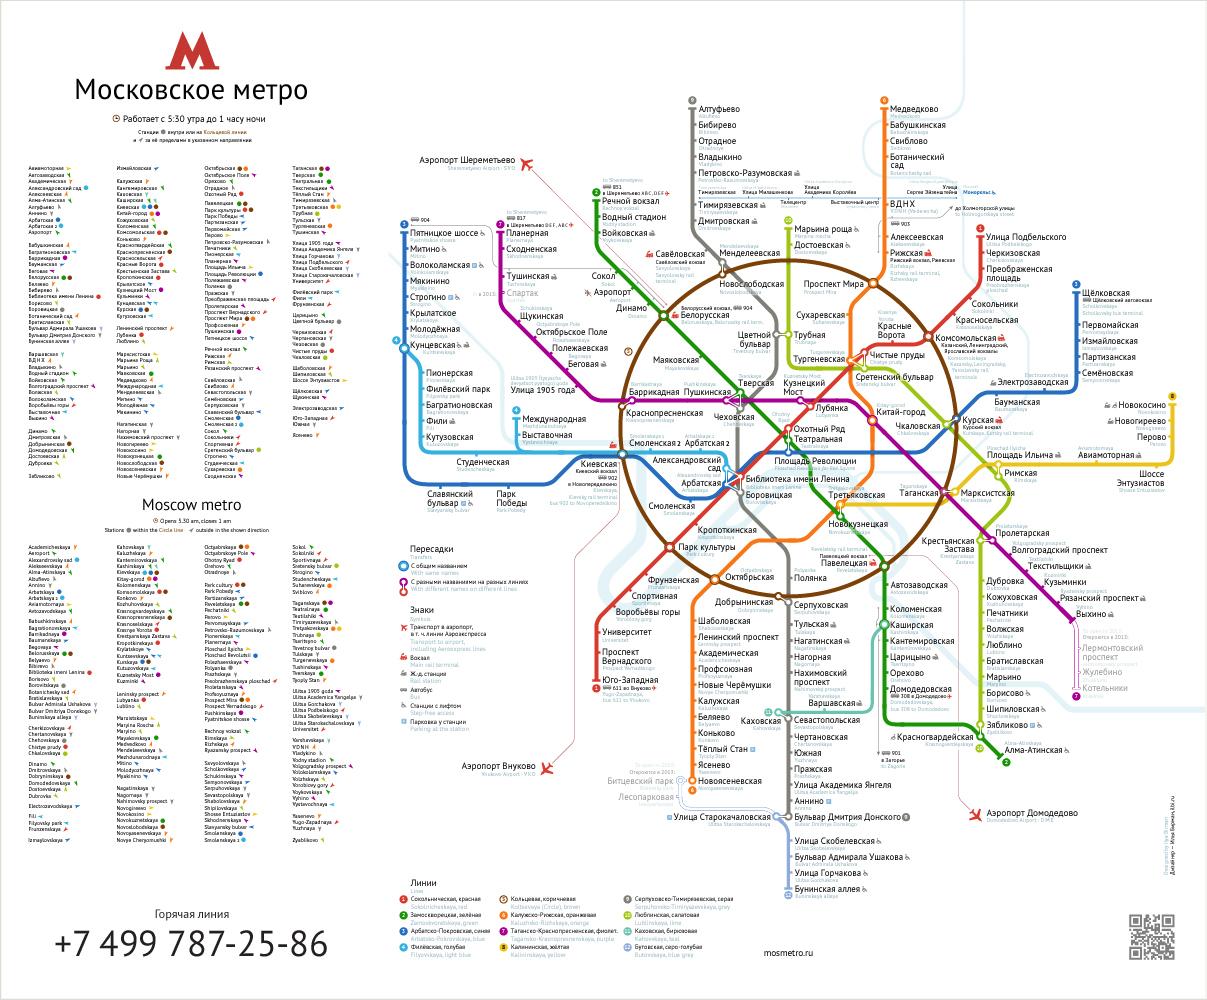 материал подготовке мякинино метро на карте москвы Если парень